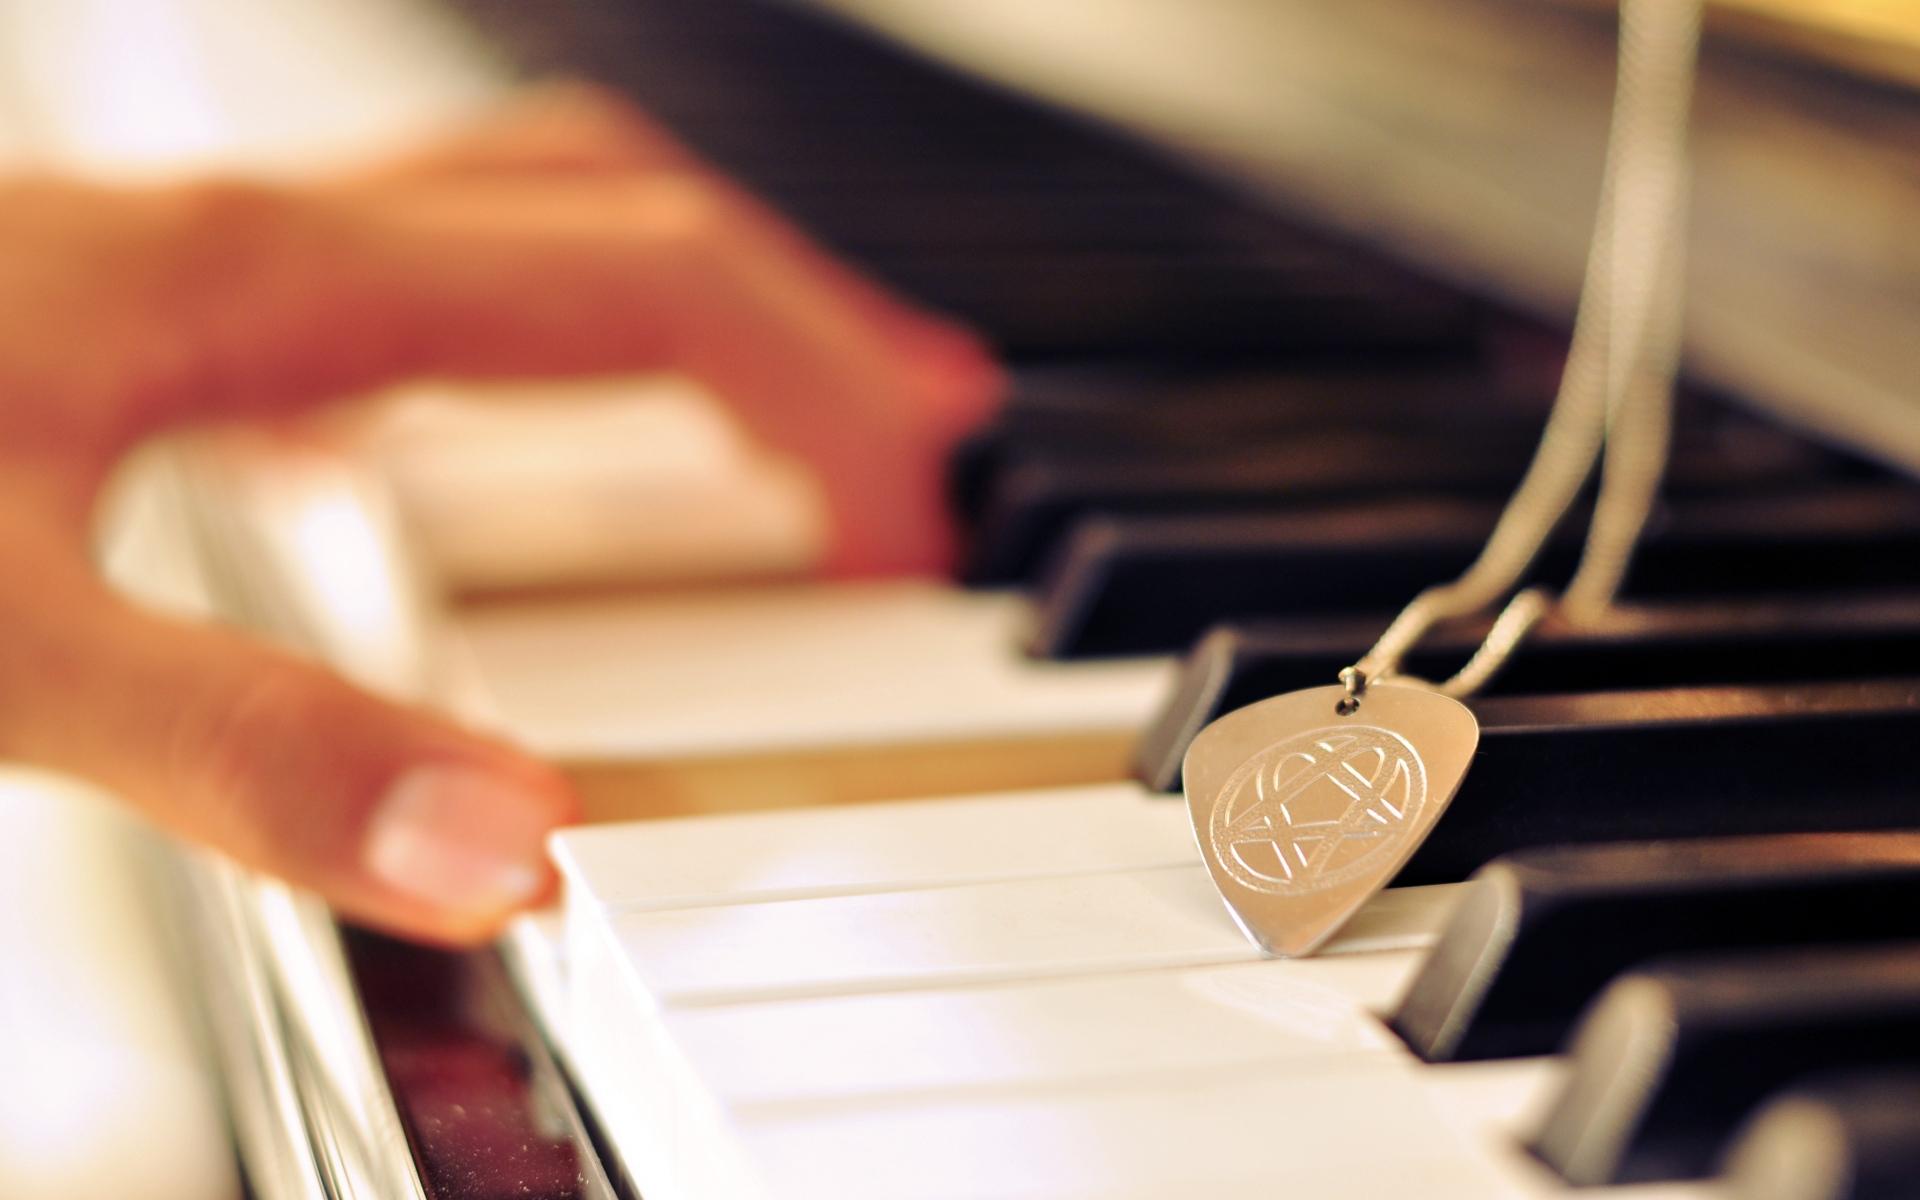 картинки фортепиано на телефон него хорошие отношения